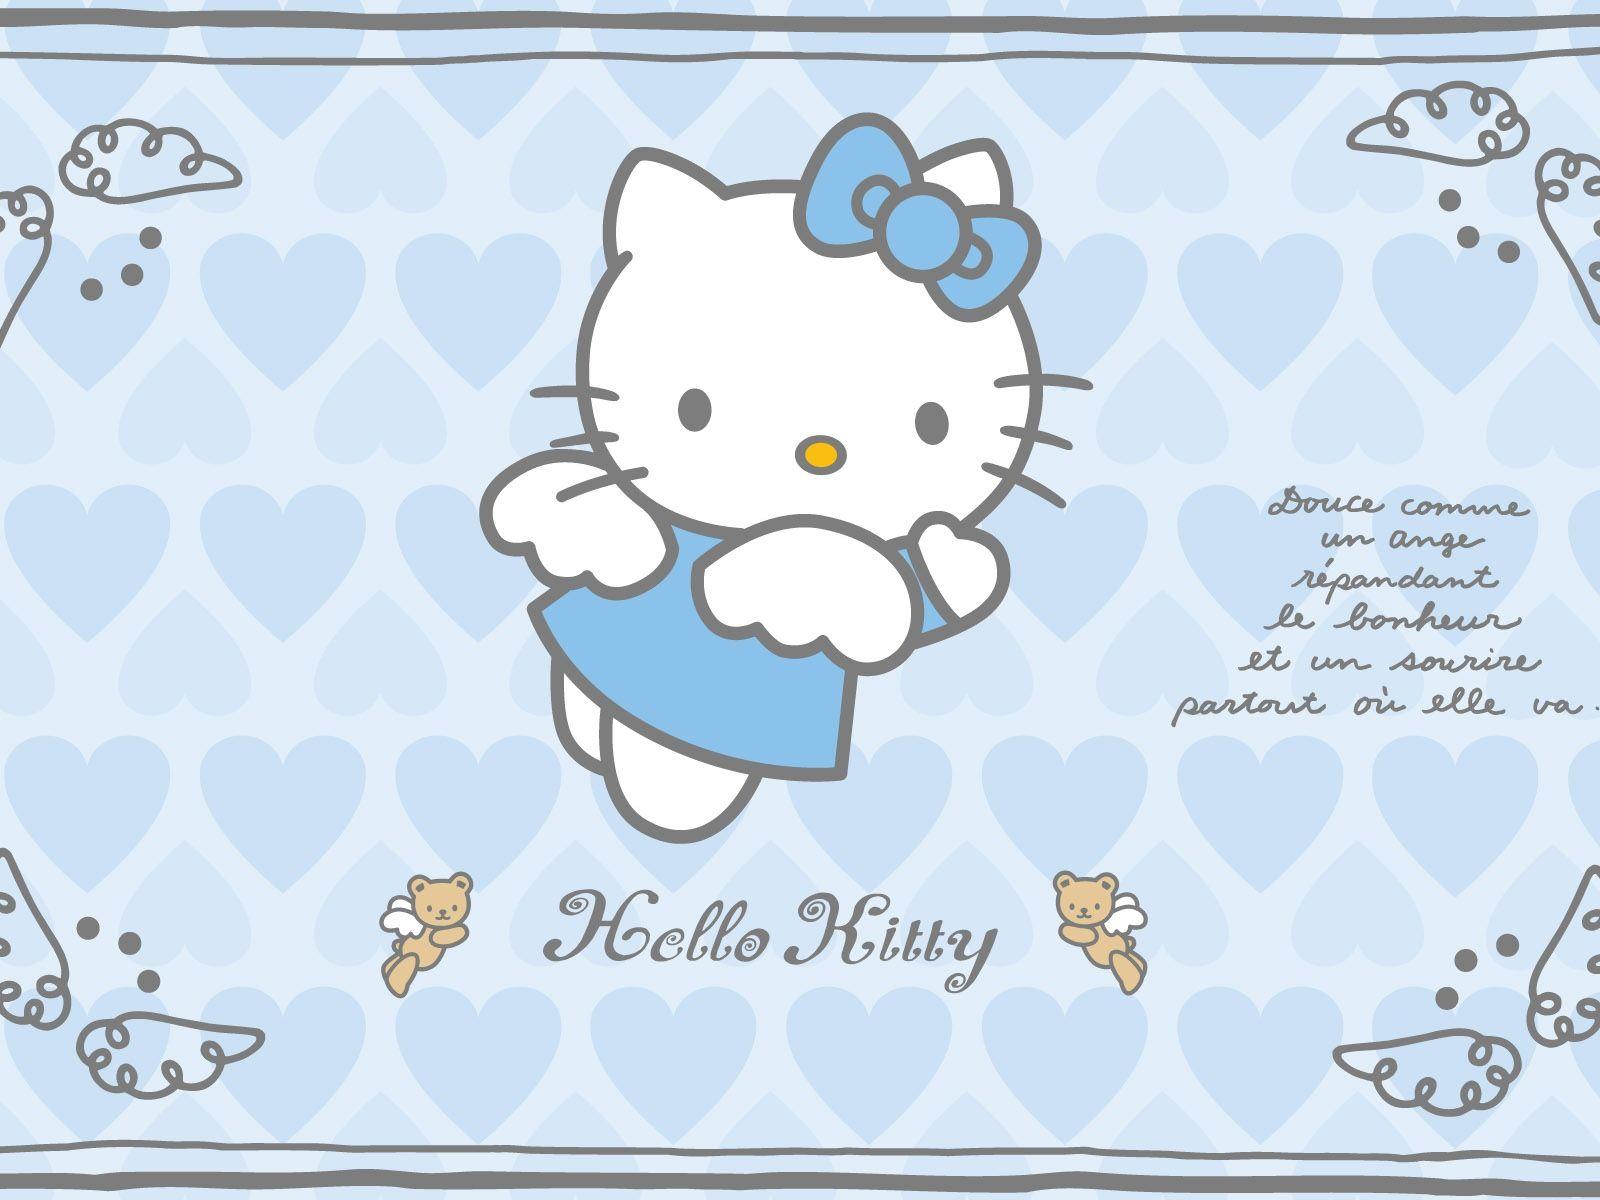 Good Wallpaper Hello Kitty Facebook - 15437c8065b806733747161bdd3a29d0  Snapshot_324083.jpg